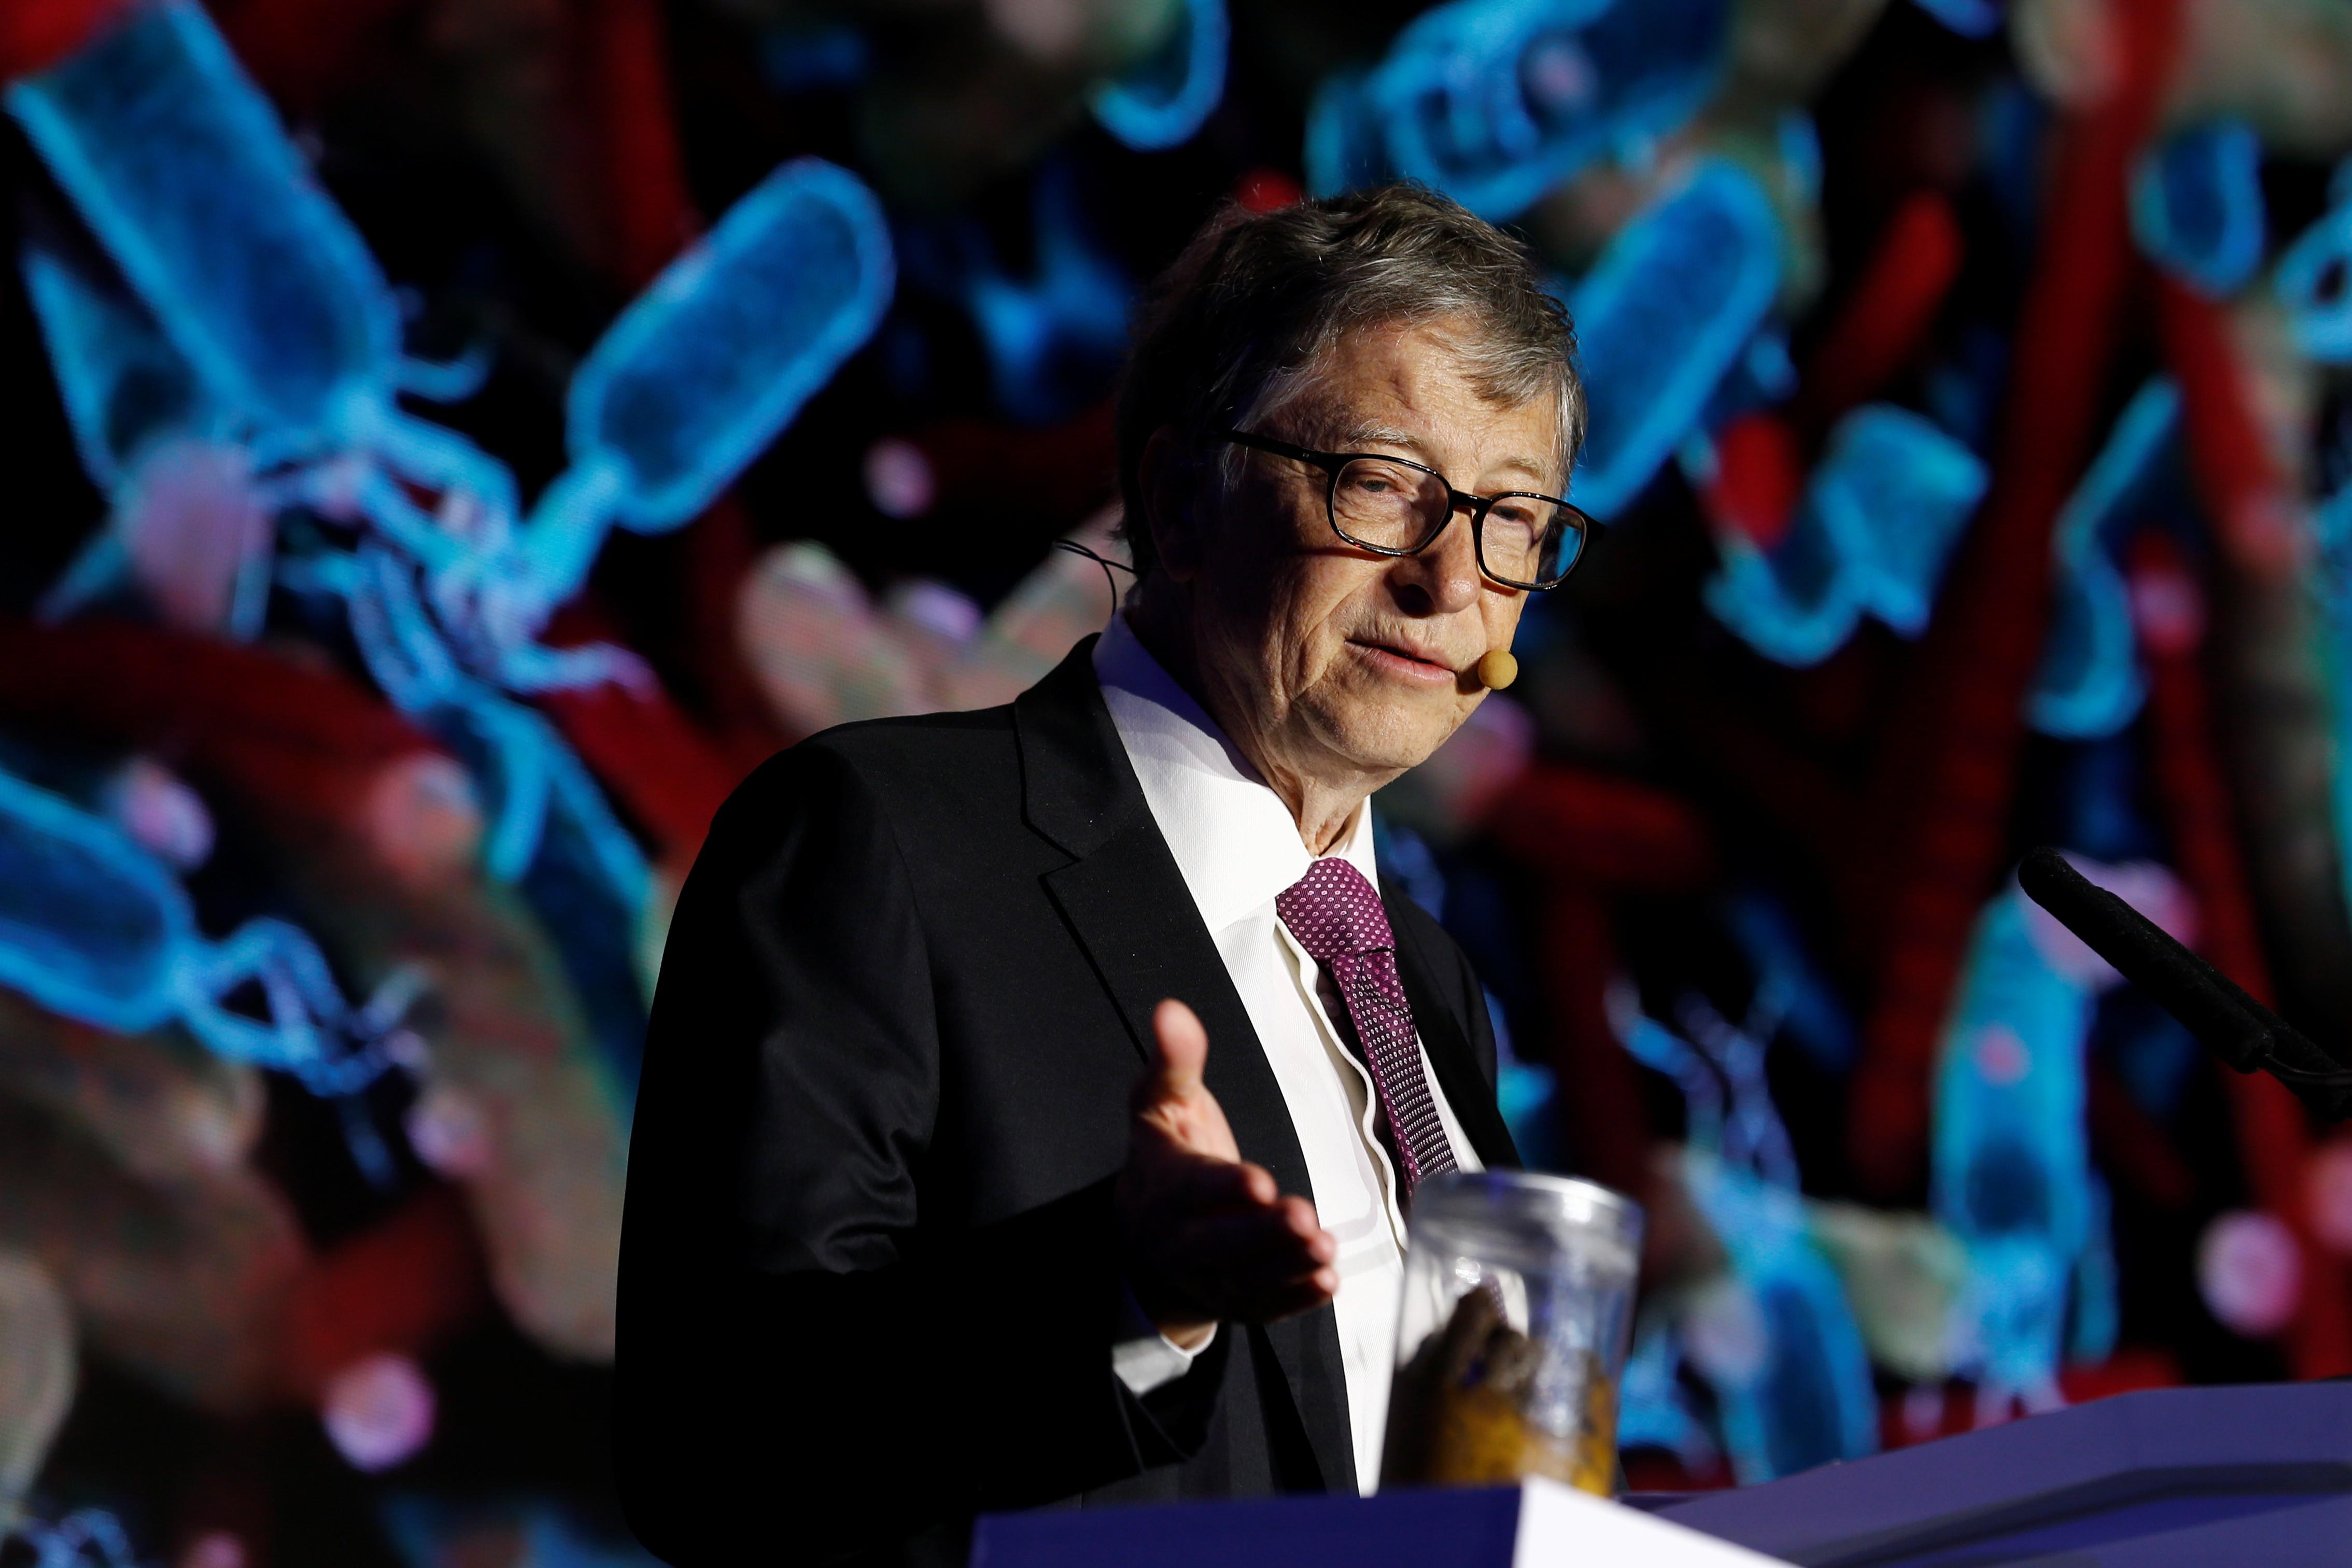 Bill Gates: remédio para Covid-19 precisa chegar a quem mais precisa, não a quem pagar mais